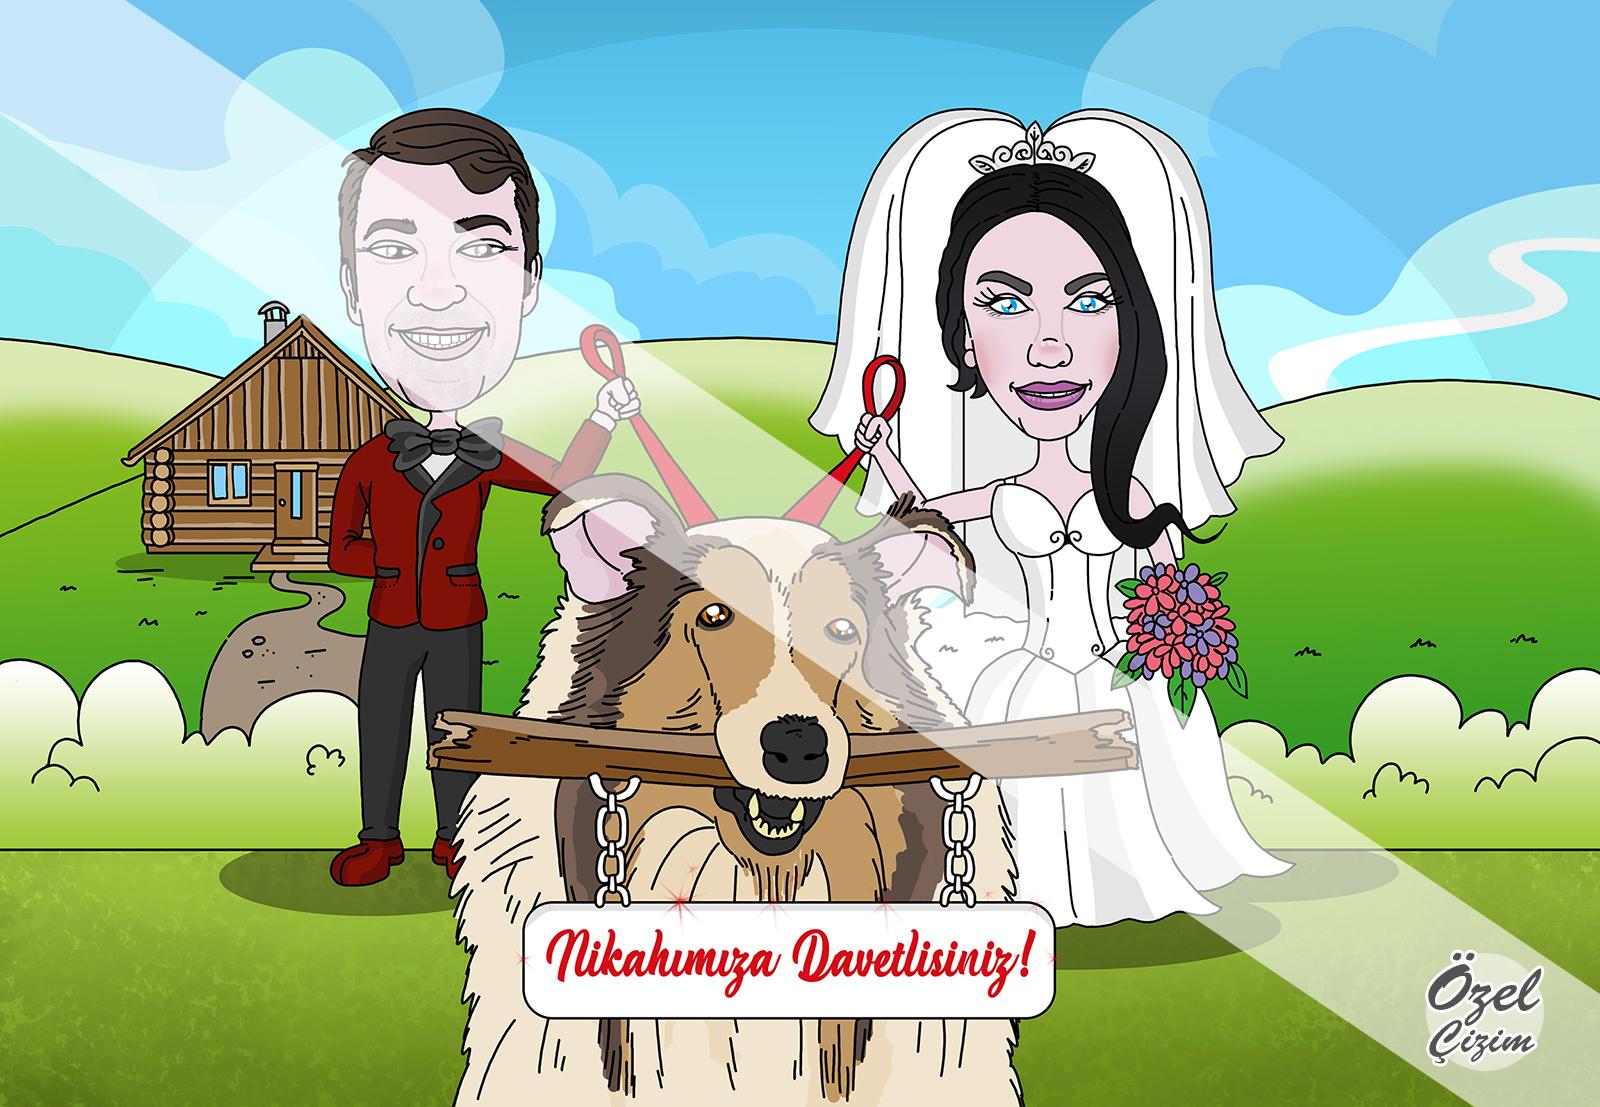 çift taraflı davetiye, düğün davetiyesi, karikatür, karikatürlü düğün davetiyesi, kişiye özel düğün davetiyesi, komik düğün davetiyesi, davetiye modelleri, davetiye, nikah davetiyesi, özel çizim